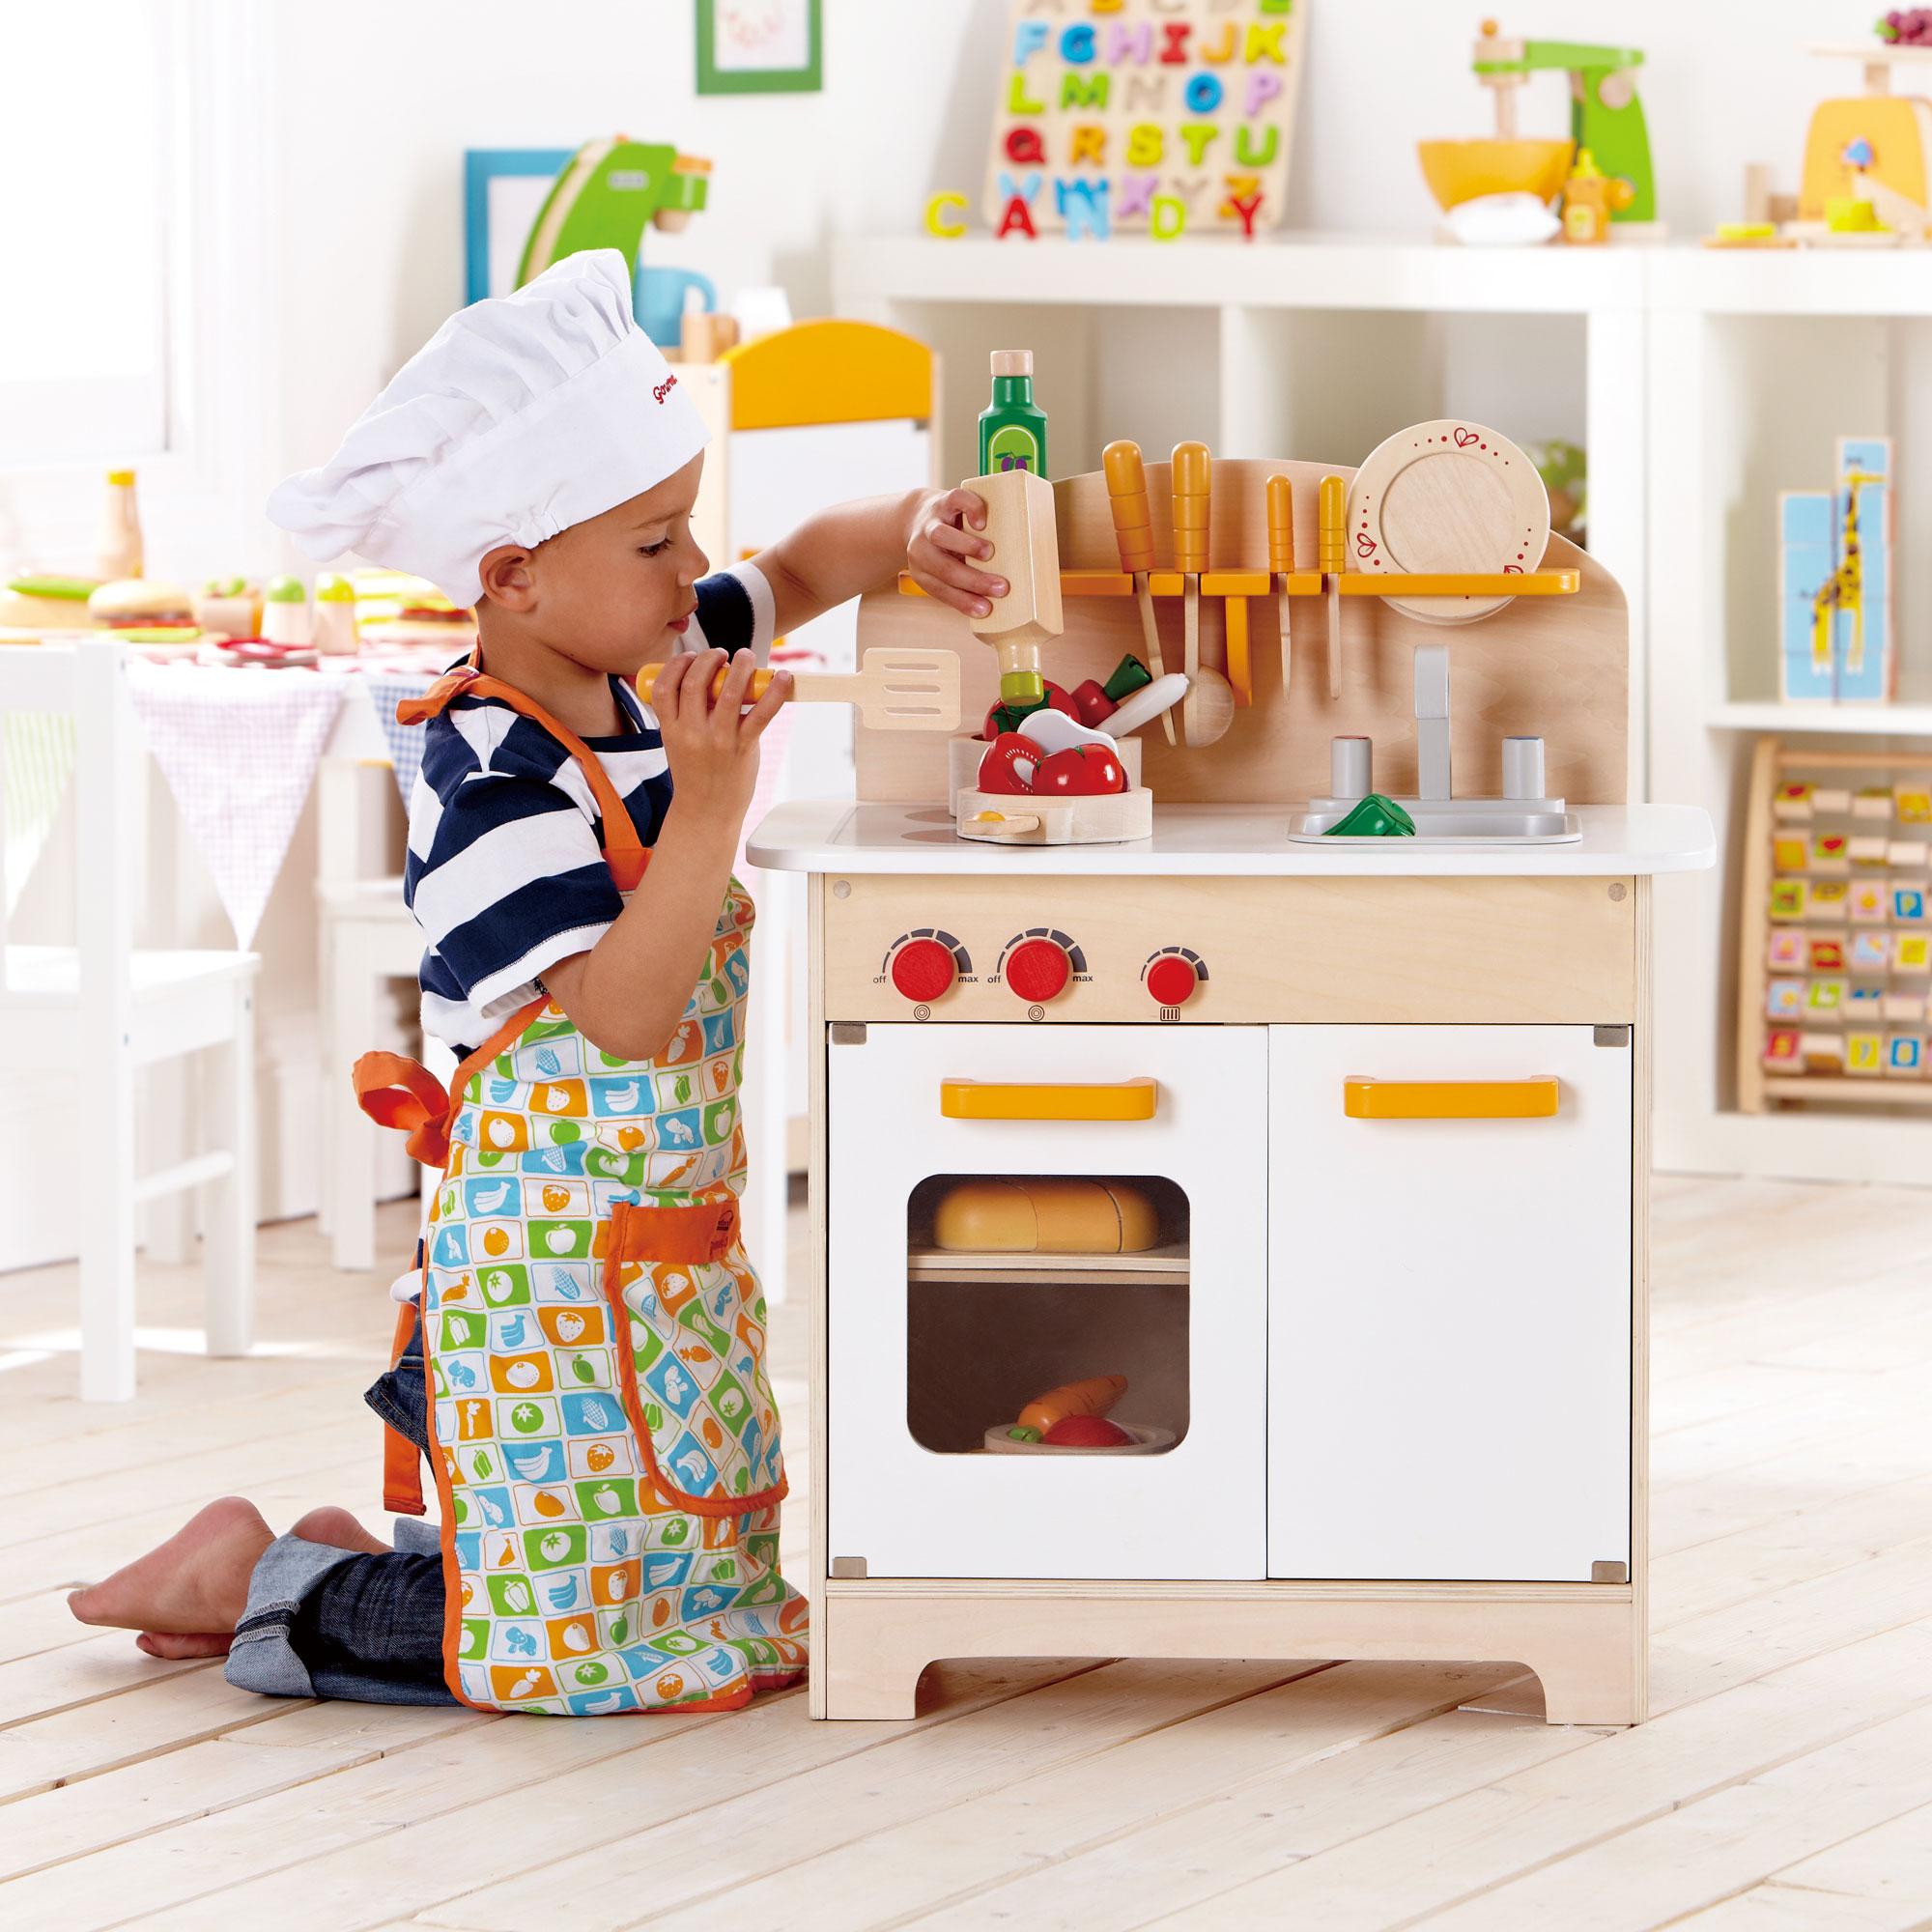 kidkraft wooden play kitchen interior design 17 pretty hap